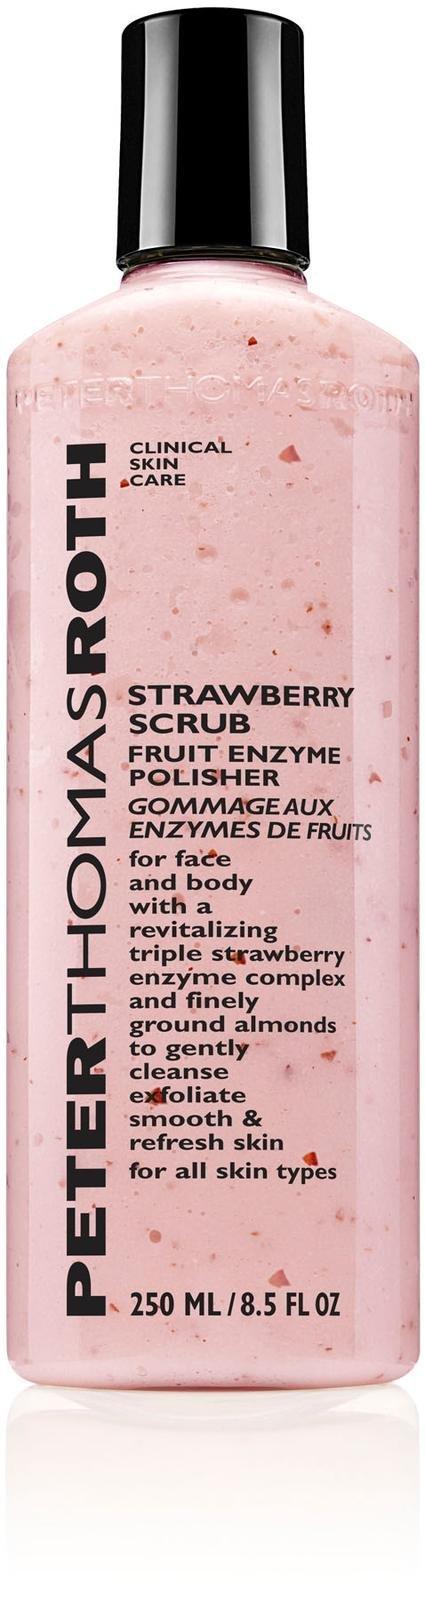 Peter Thomas Roth Strawberry Scrub